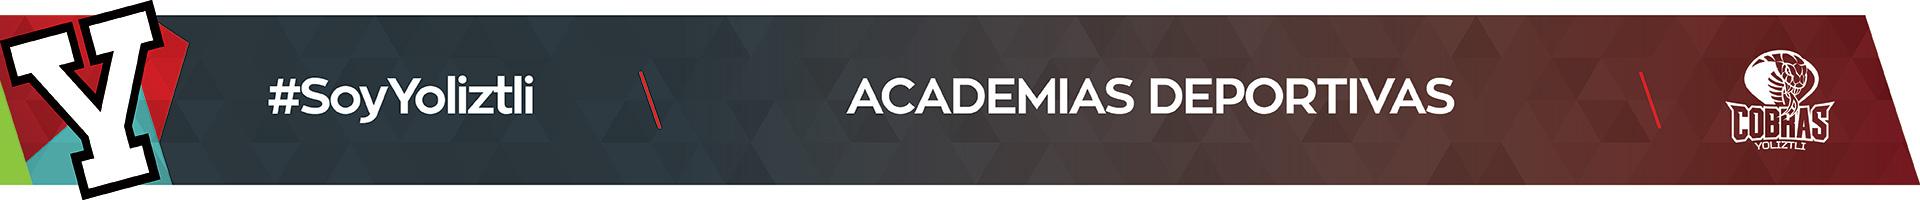 TOP-academias1920